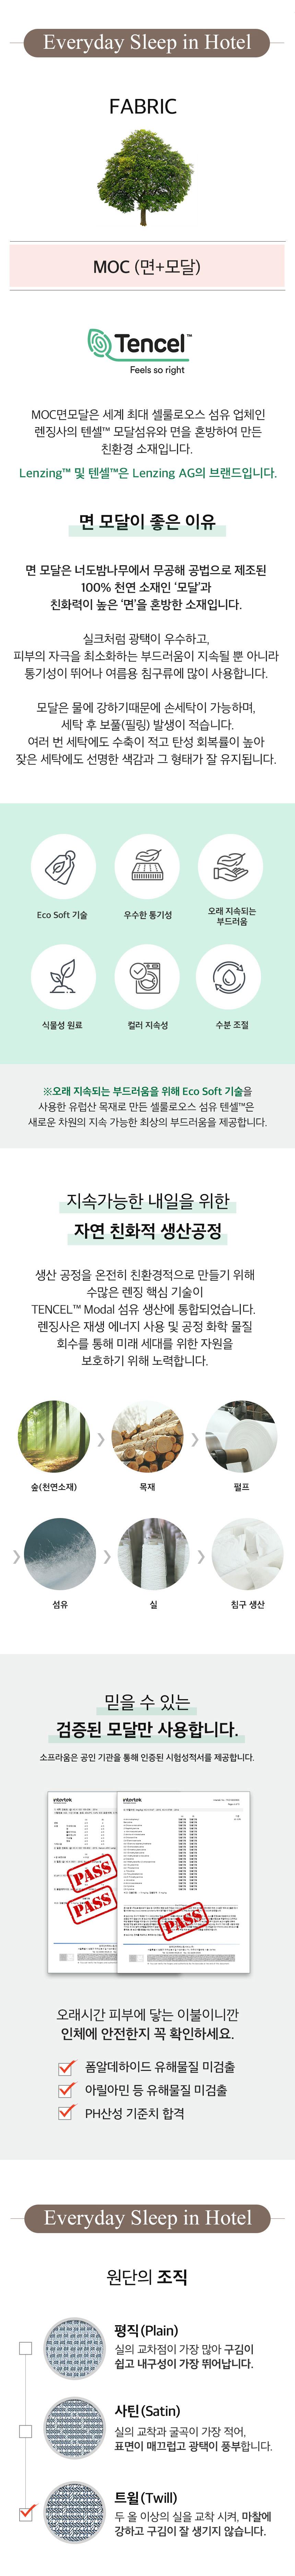 main_4.jpg